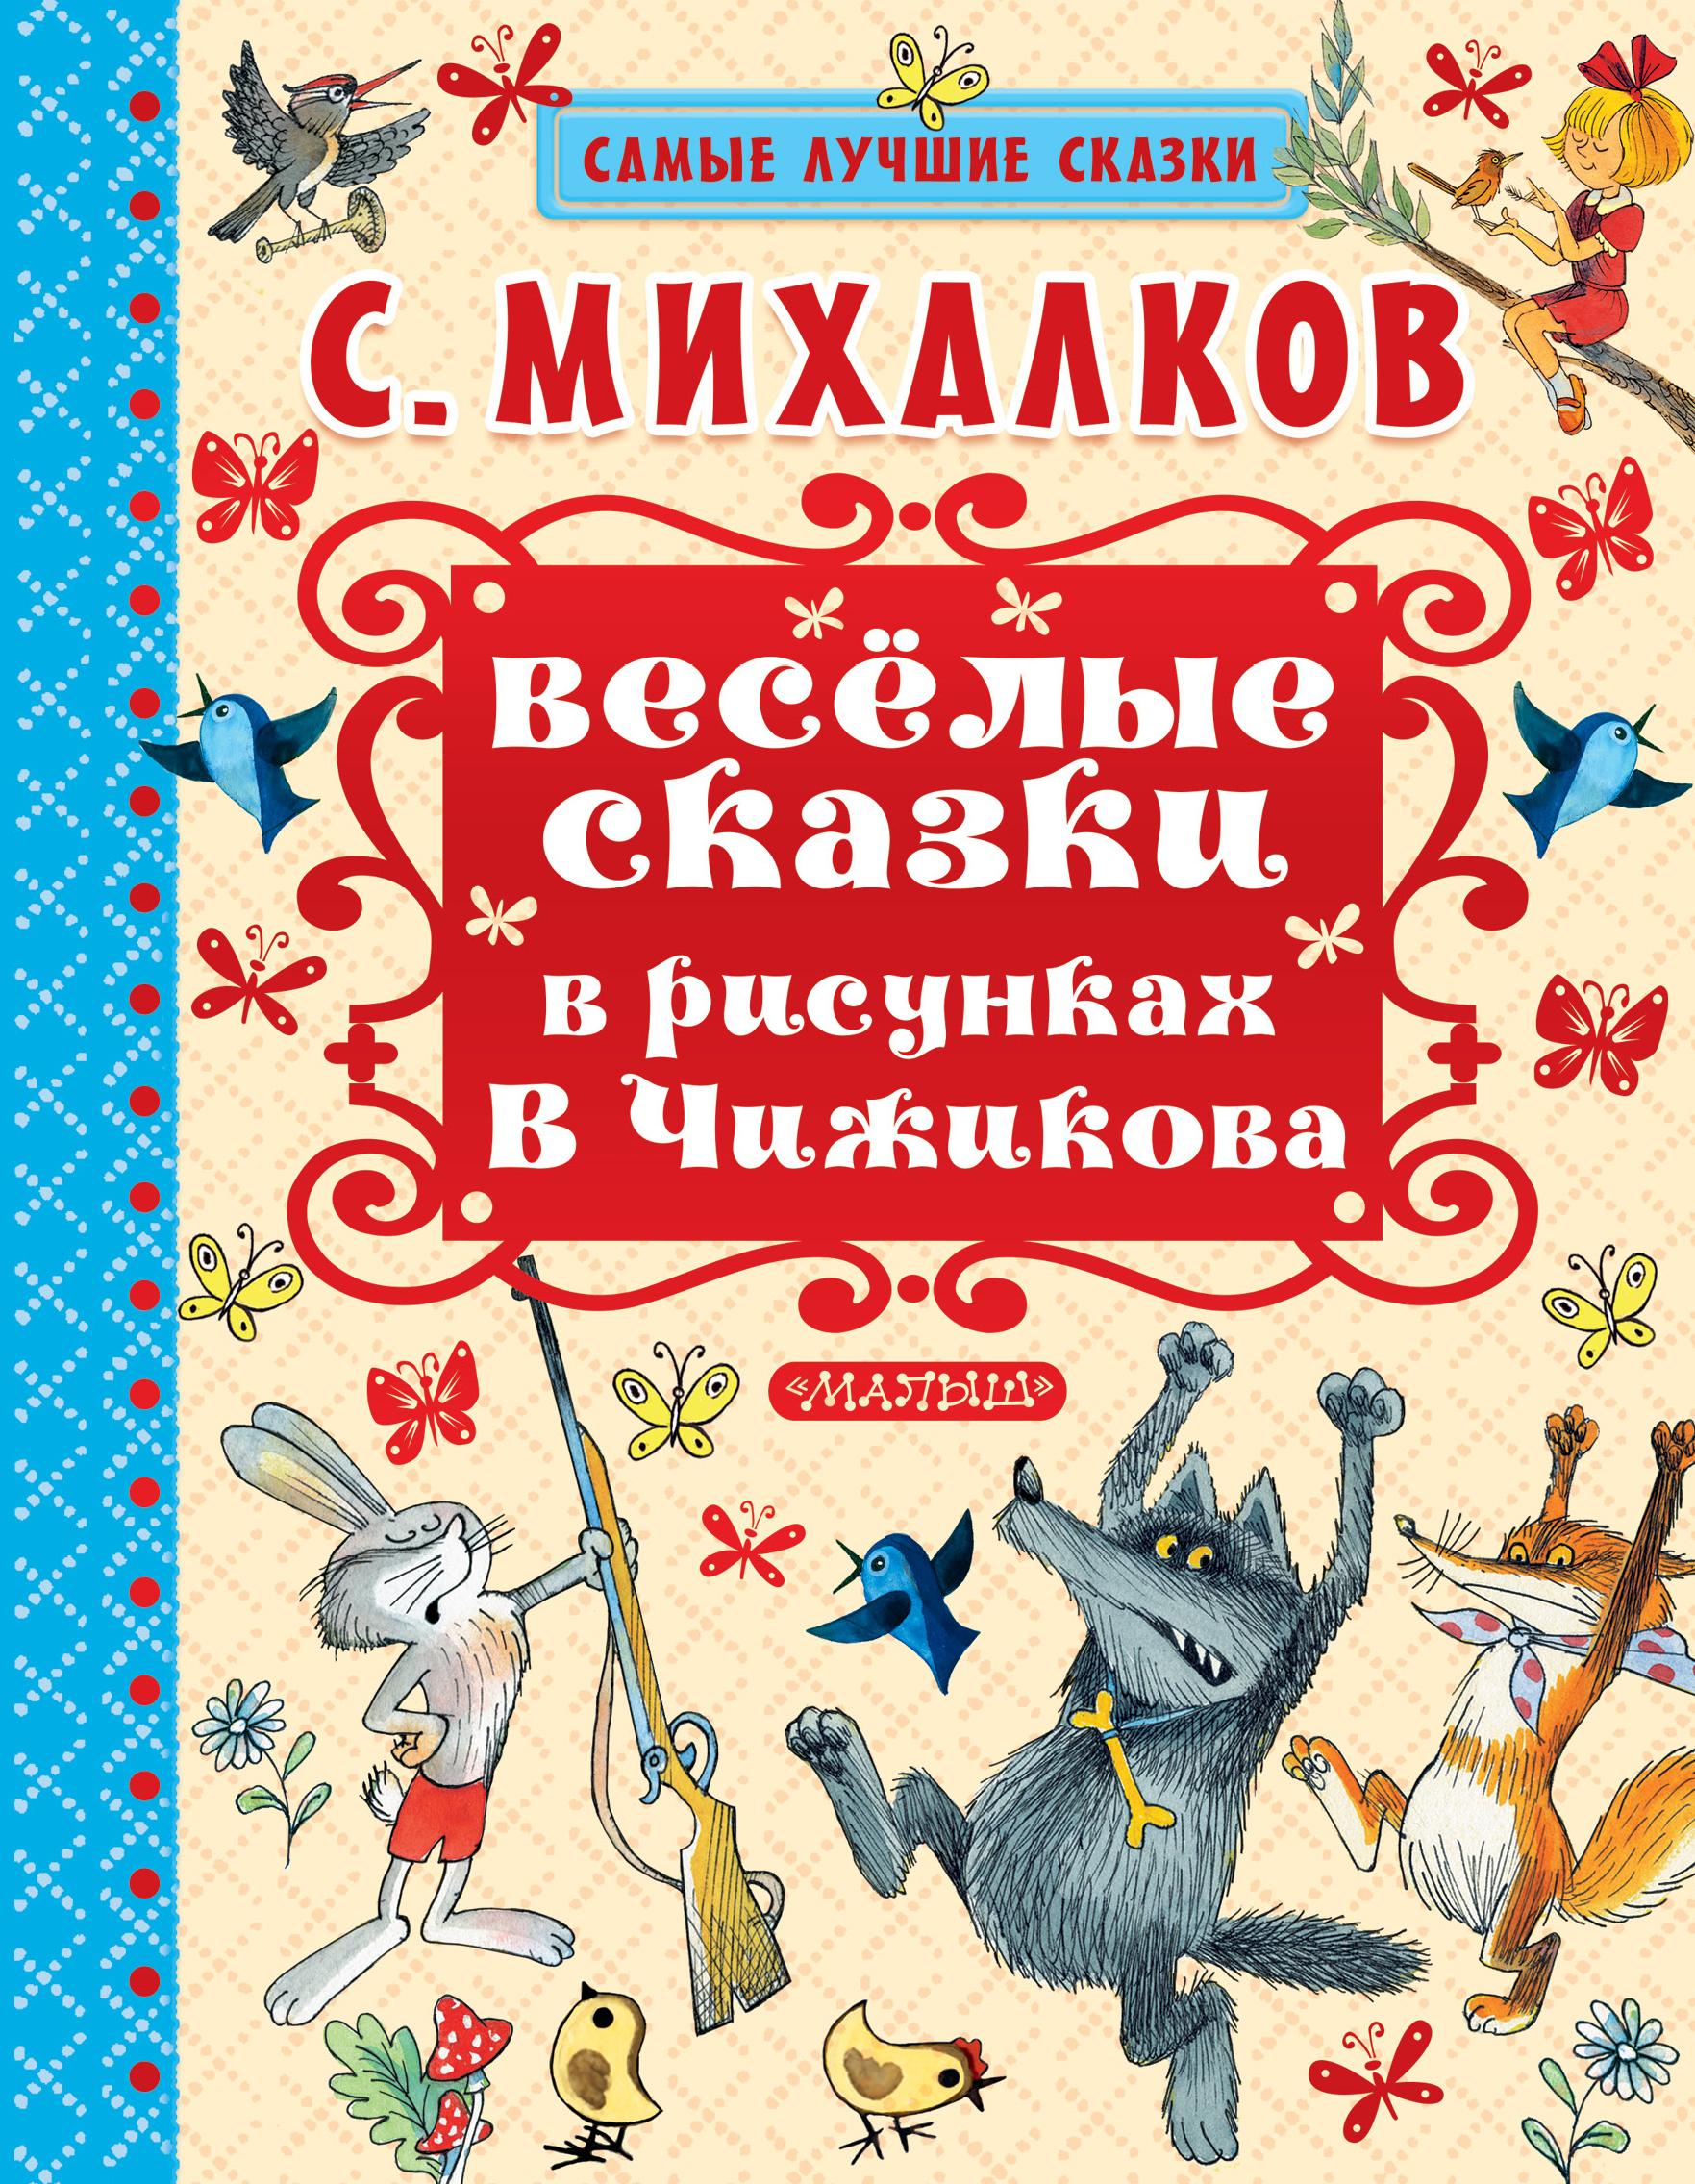 Михалков С.В. Весёлые сказки в рисунках В. Чижикова